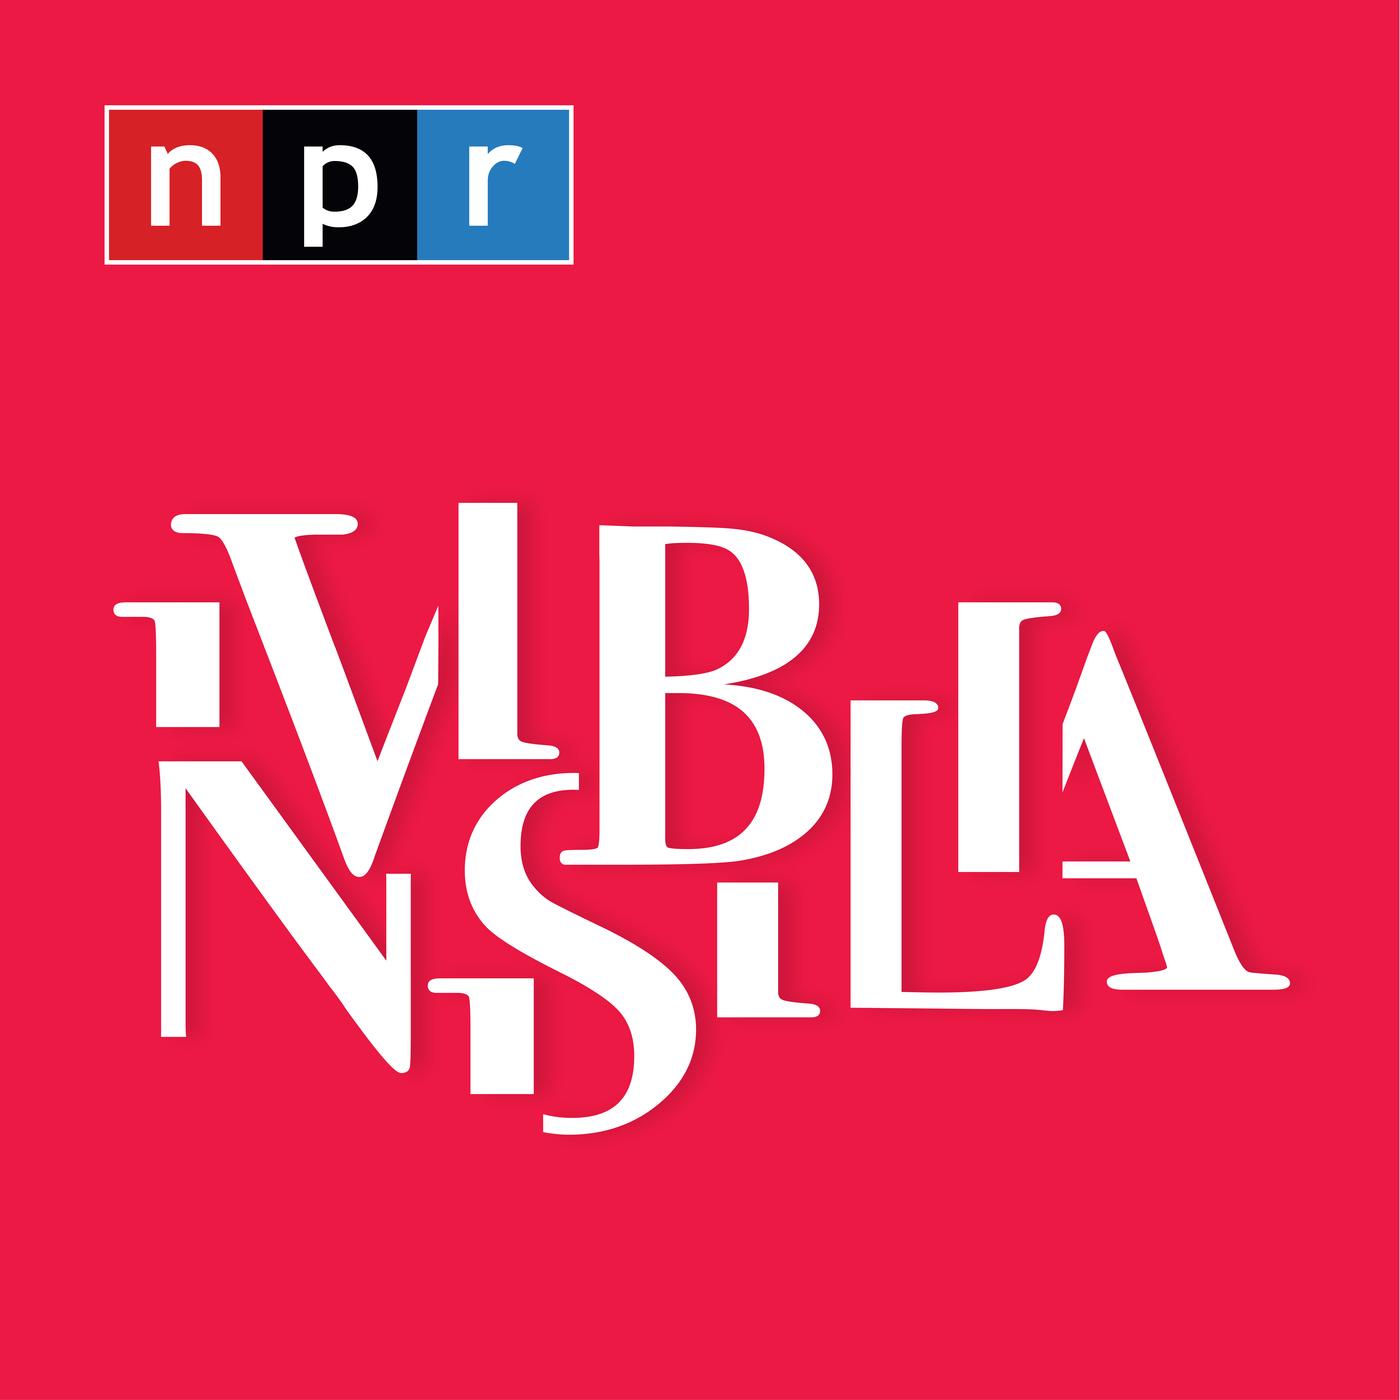 Invisibilia podcast logo